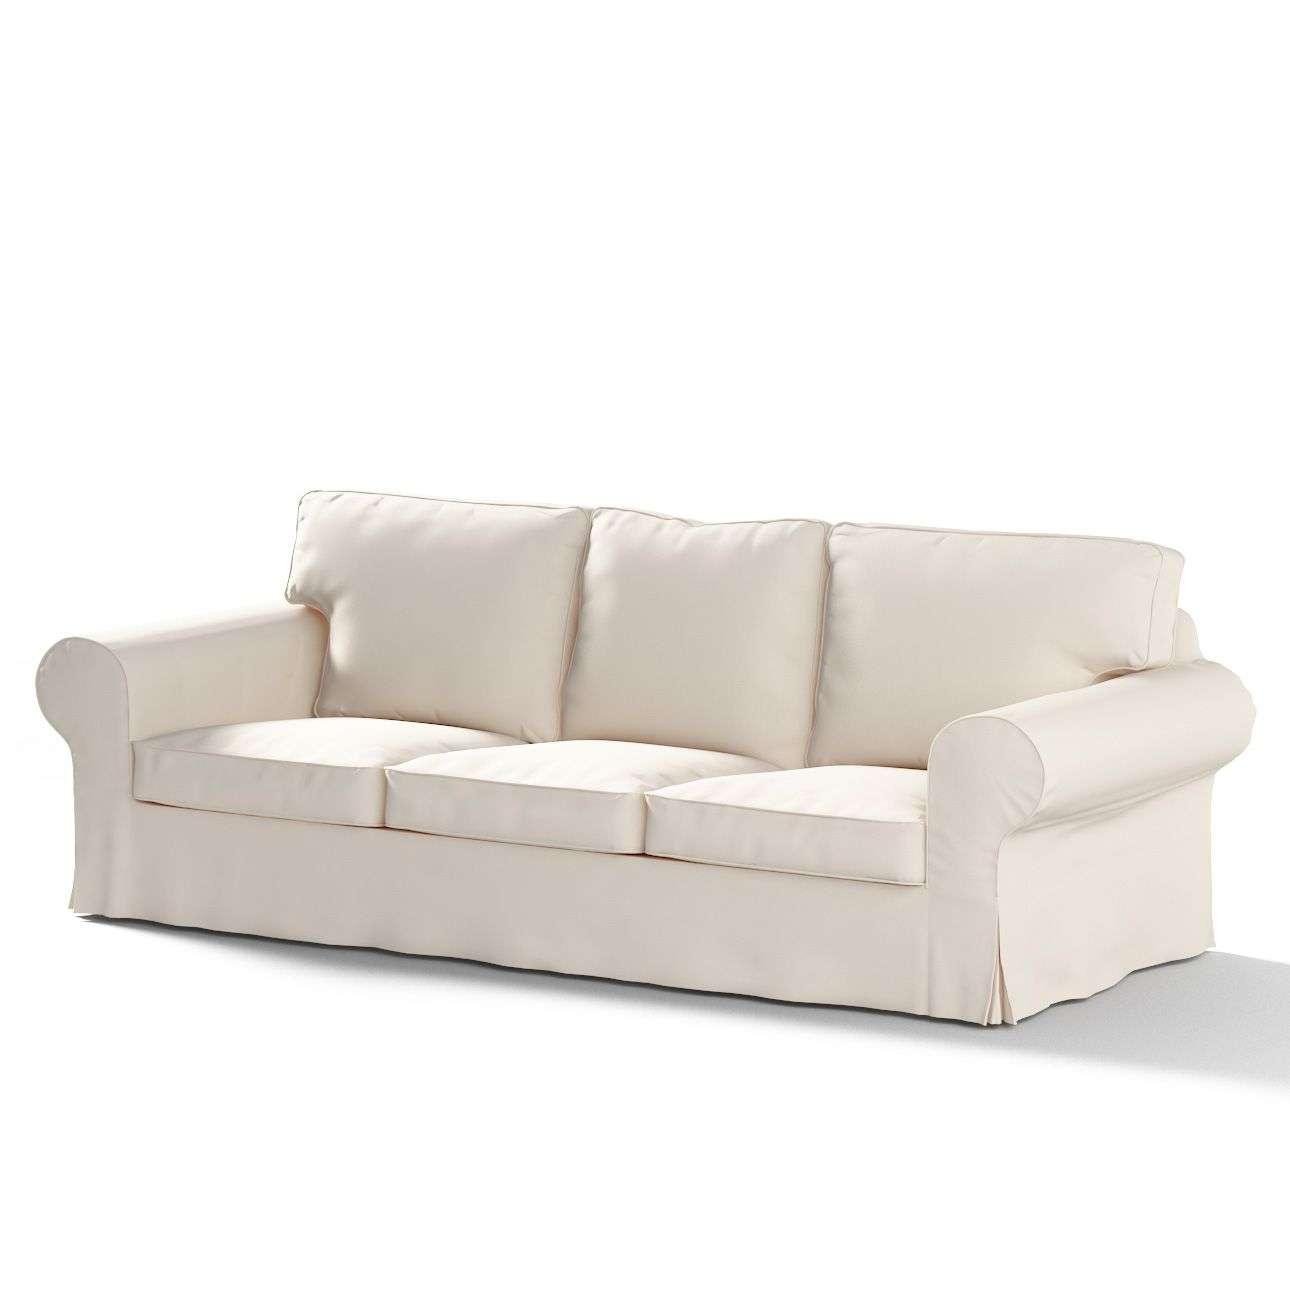 Ikea Ektorp Sofa And Furniture Covers